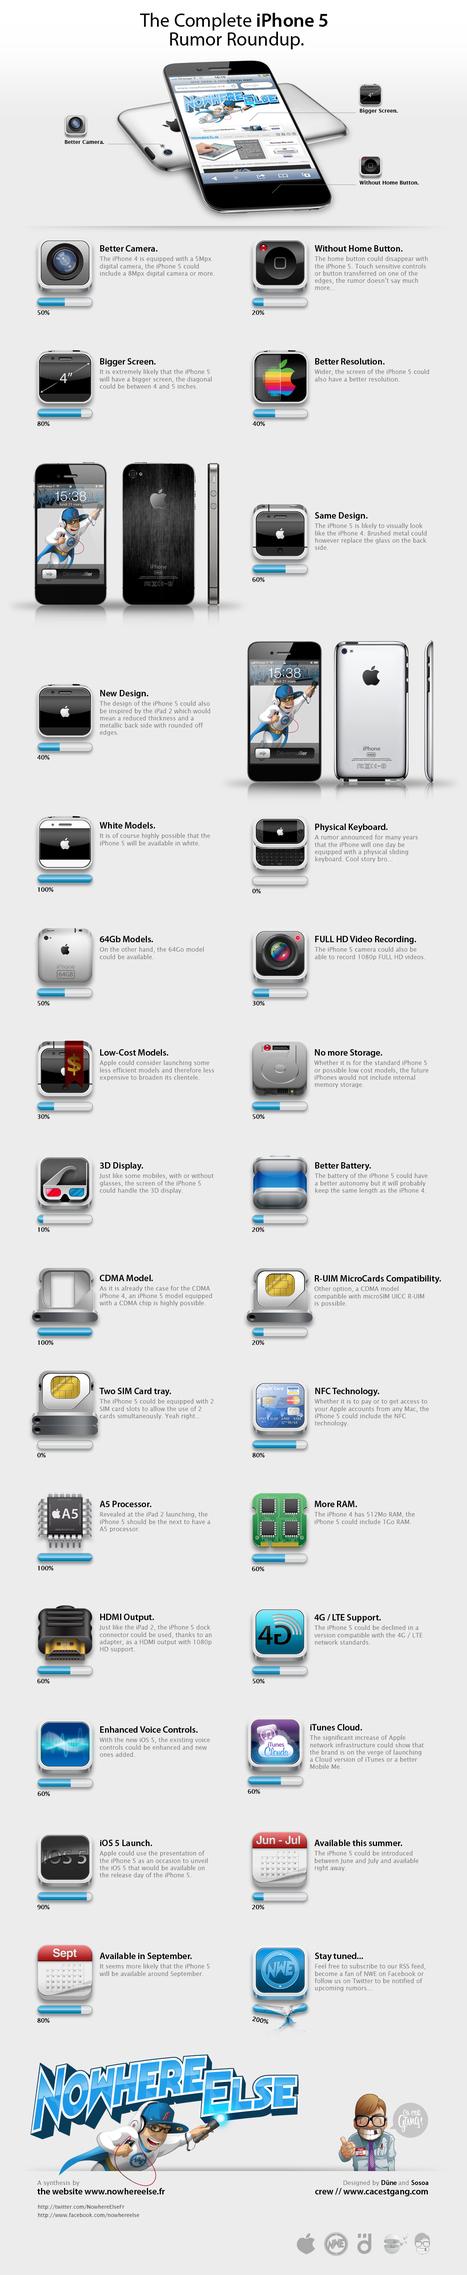 iPhone-5-Rumor-RoundUp.jpg (1240x6041 pixels) | Digital Think | Scoop.it